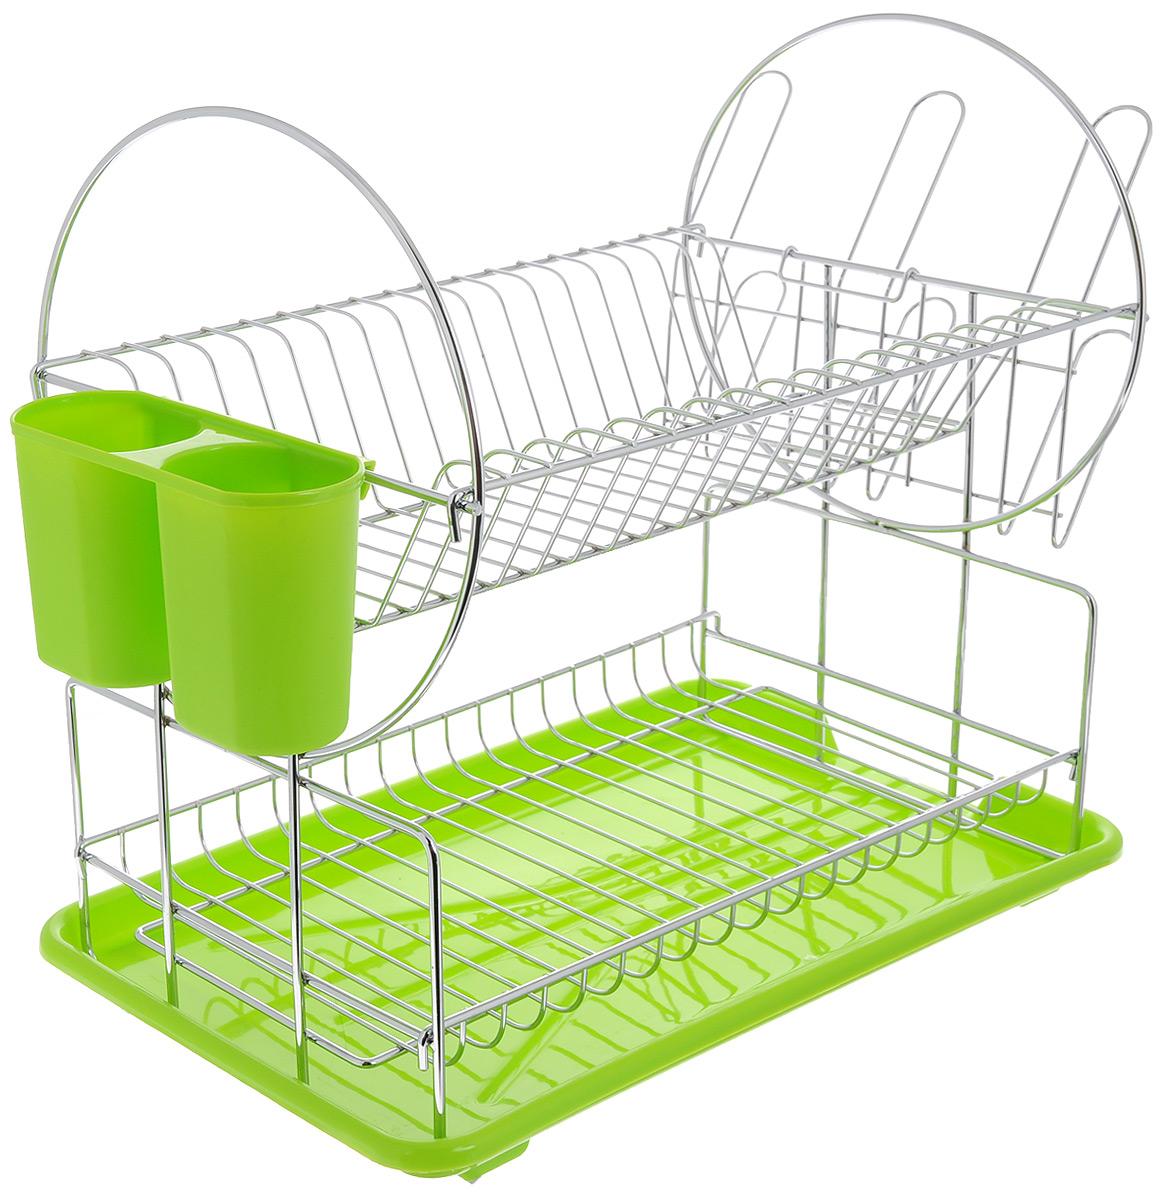 Сушилка для посуды Mayer & Boch, цвет: зеленый, серебристый, 42 х 22 х 35 смВетерок 2ГФСушилка для посуды Mayer & Boch изготовлена из высококачественных гигиеничных материалов. Корпус выполнен из хромированного металла, поддон и подставка для столовых приборов - из полипропилена. Сушилка двухъярусная, что позволяет хранить больше посуды. Внизу можно поместить кружки и пиалы, а вверху - тарелки и столовые приборы. Сбоку предусмотрены специальные держатели для стаканов. Прямоугольный поддон для воды поможет вам сохранить кухню в чистоте. Элегантный дизайн позволит сушилке Mayer & Boch стать прекрасным дополнением интерьера кухни.